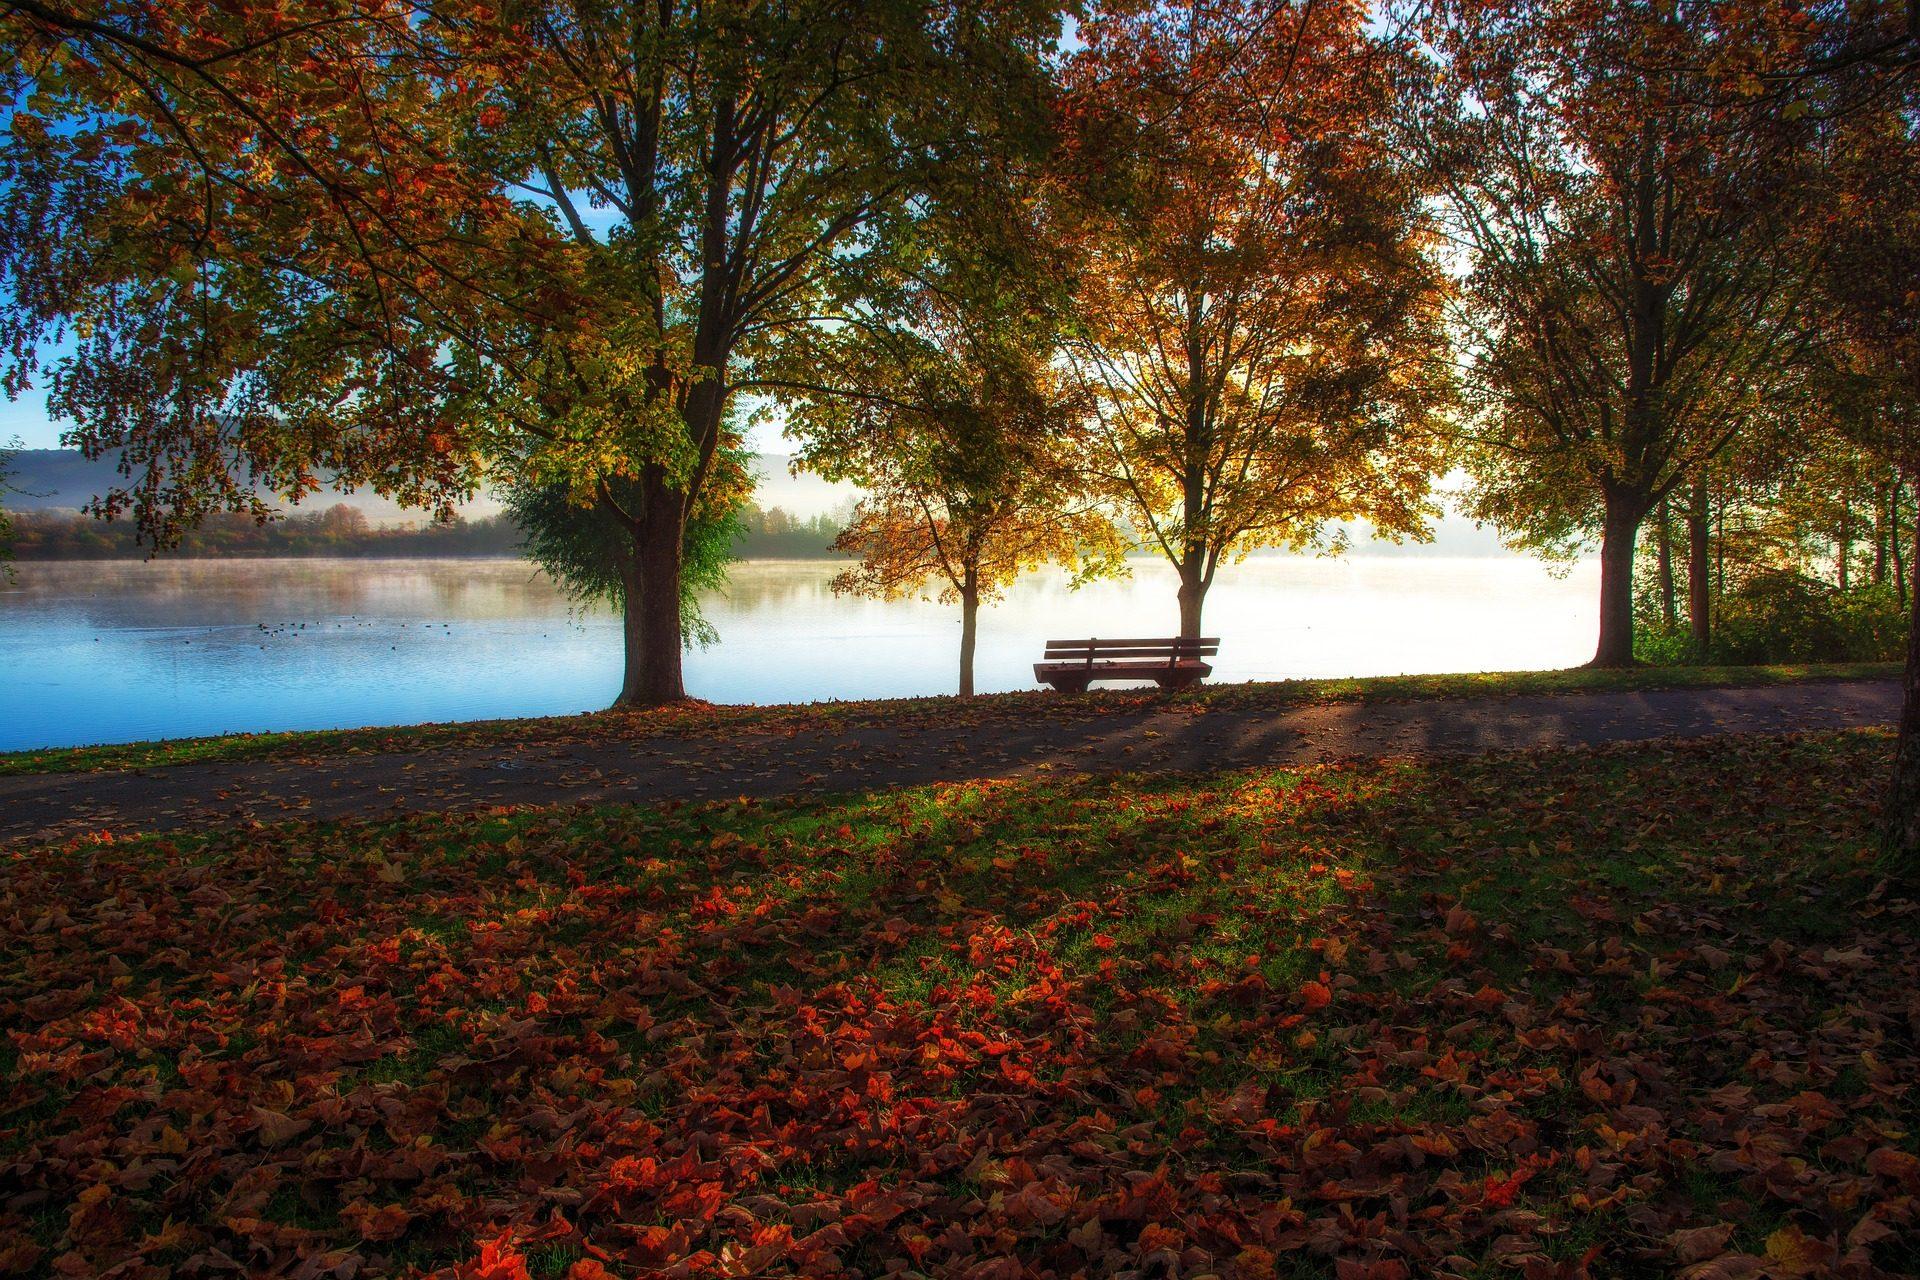 Lake, arbres, siège, Banque, feuilles, automne - Fonds d'écran HD - Professor-falken.com